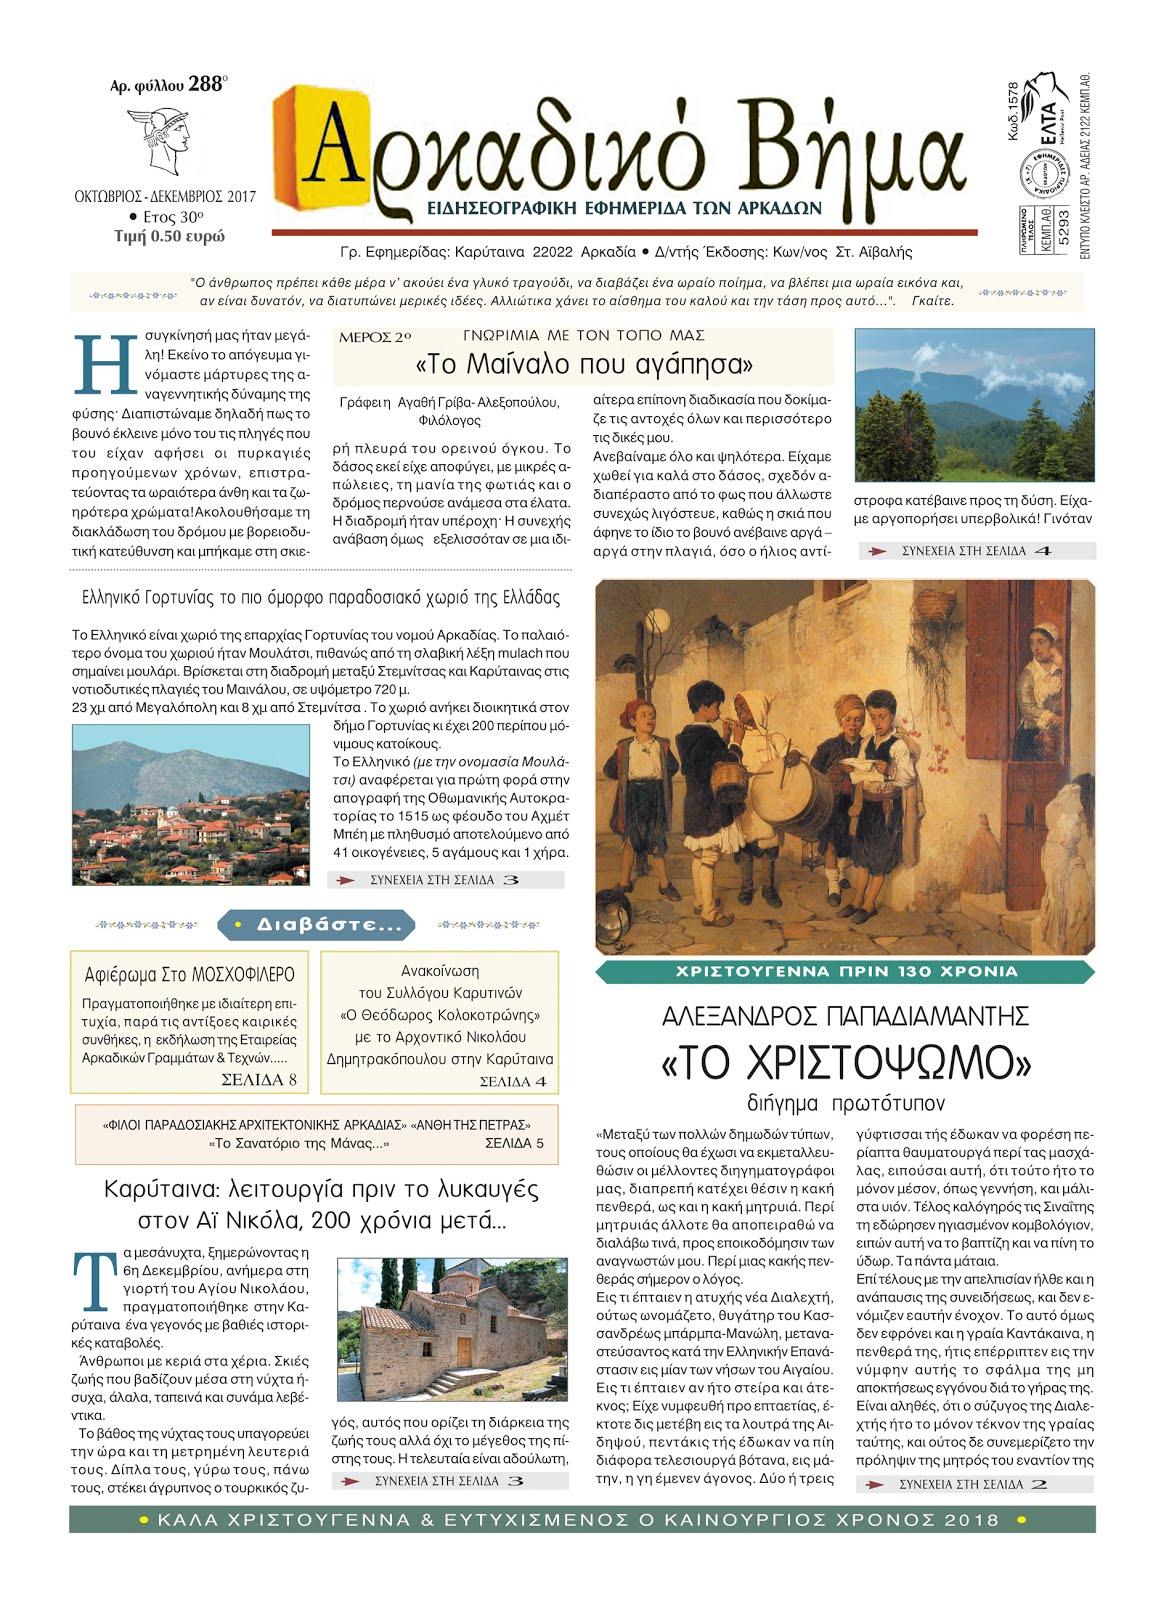 """""""Αρκαδικό Βήμα"""", εορταστικό φύλλο με το διήγημα του Αλέξανδρου Παπαδιαμάντη """"Το Χριστόψωμο"""""""